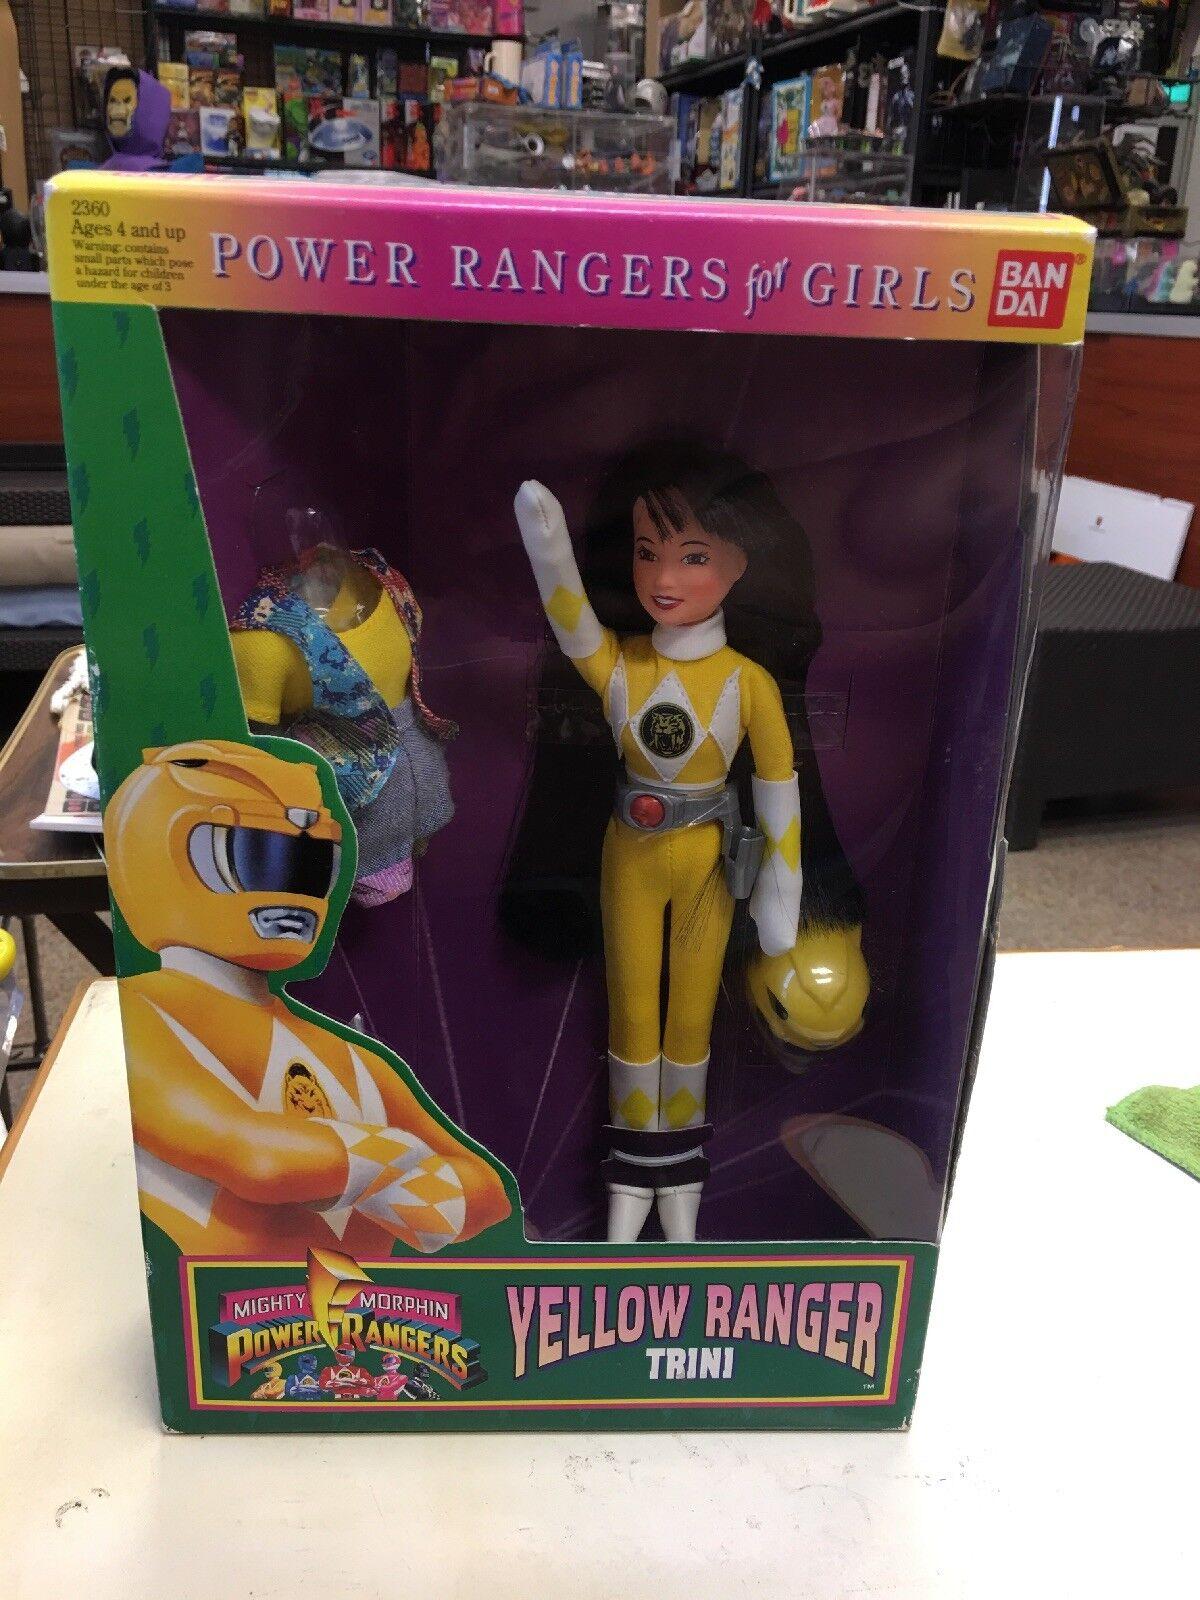 1994 Mighty Mighty Mighty Morphin Power Rangers Trini Yellow Ranger Sealed MIB Thuy Trang dd1a35